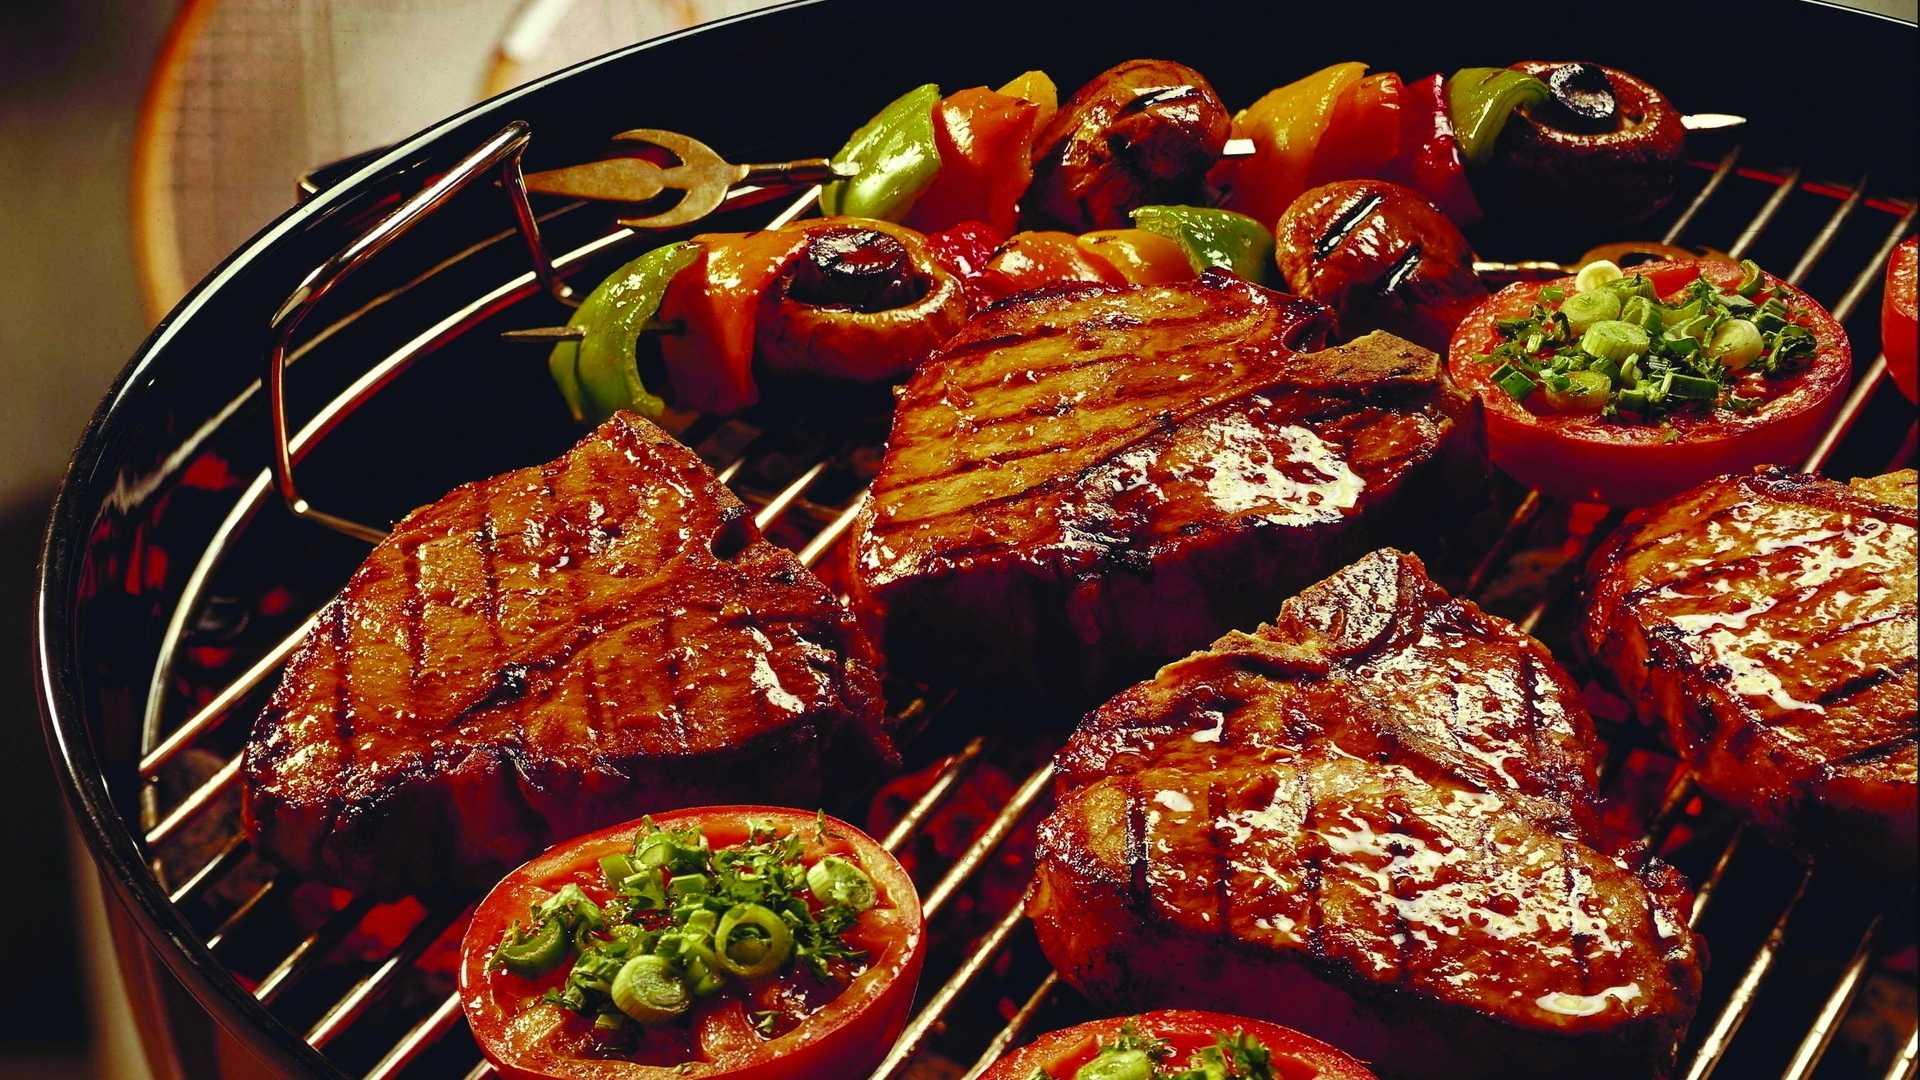 殺人的に美味そうなお肉の画像